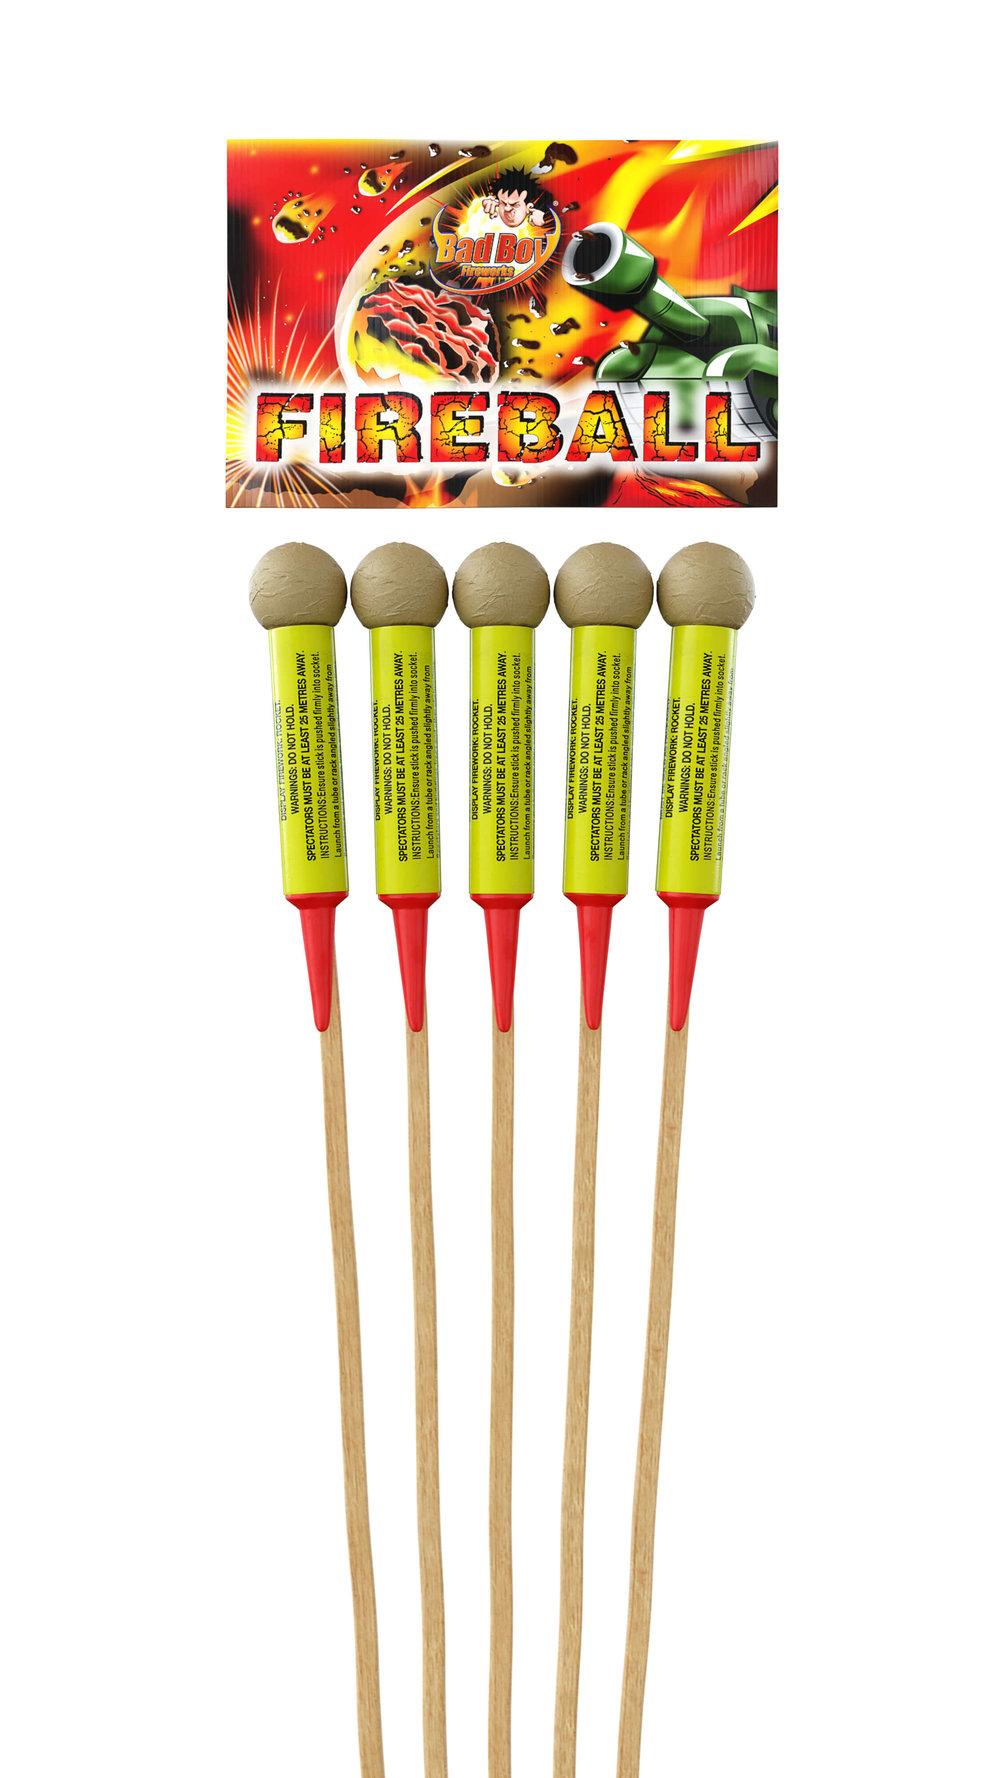 Fireball Rockets 5Pk - RRP £45.00